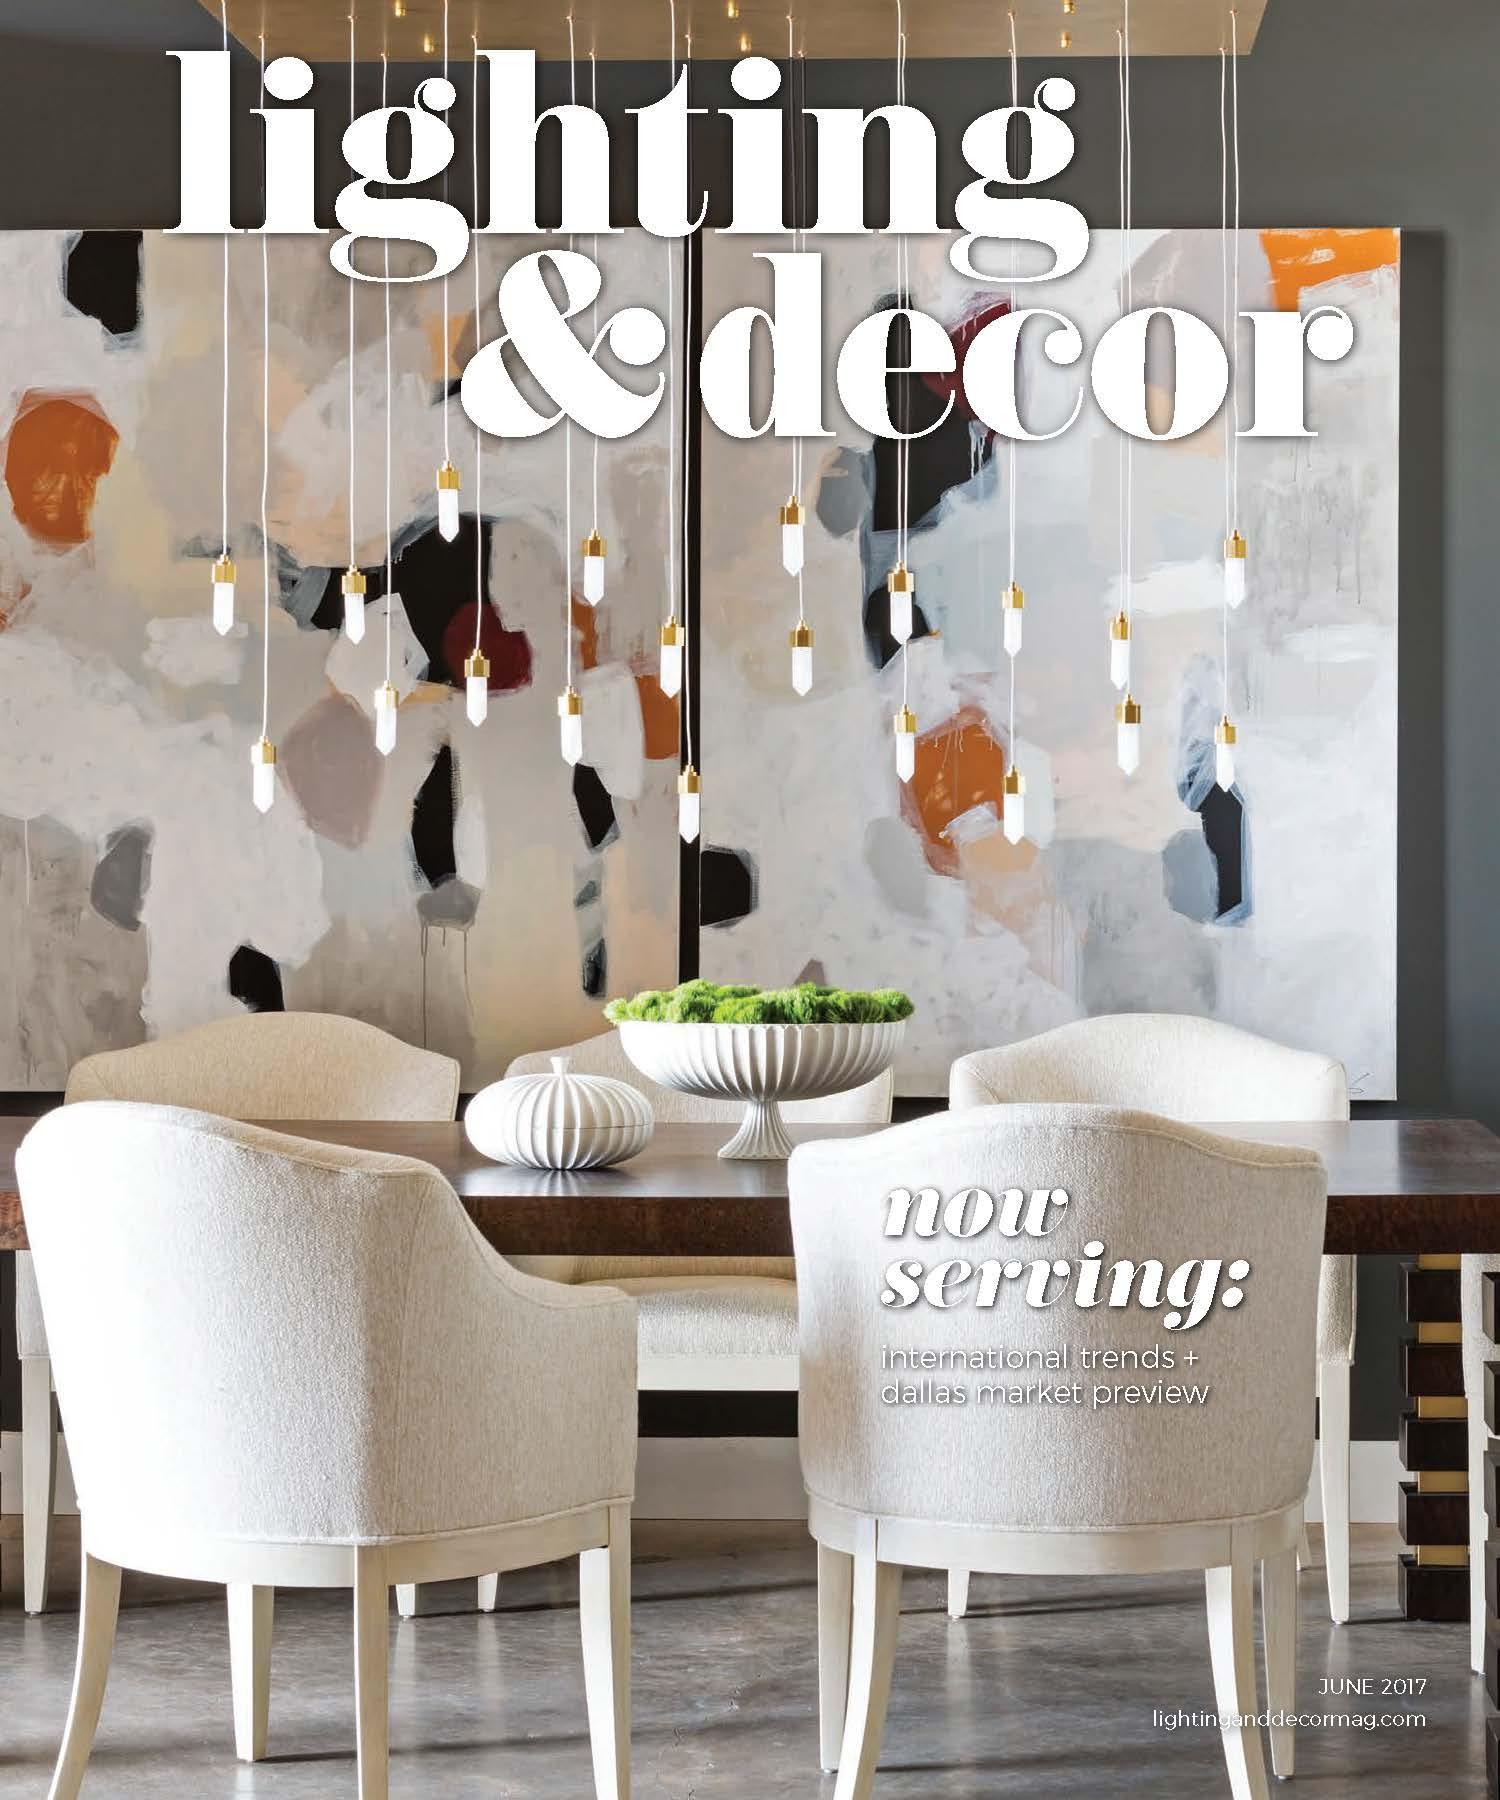 June 2017 Lighting & Decor